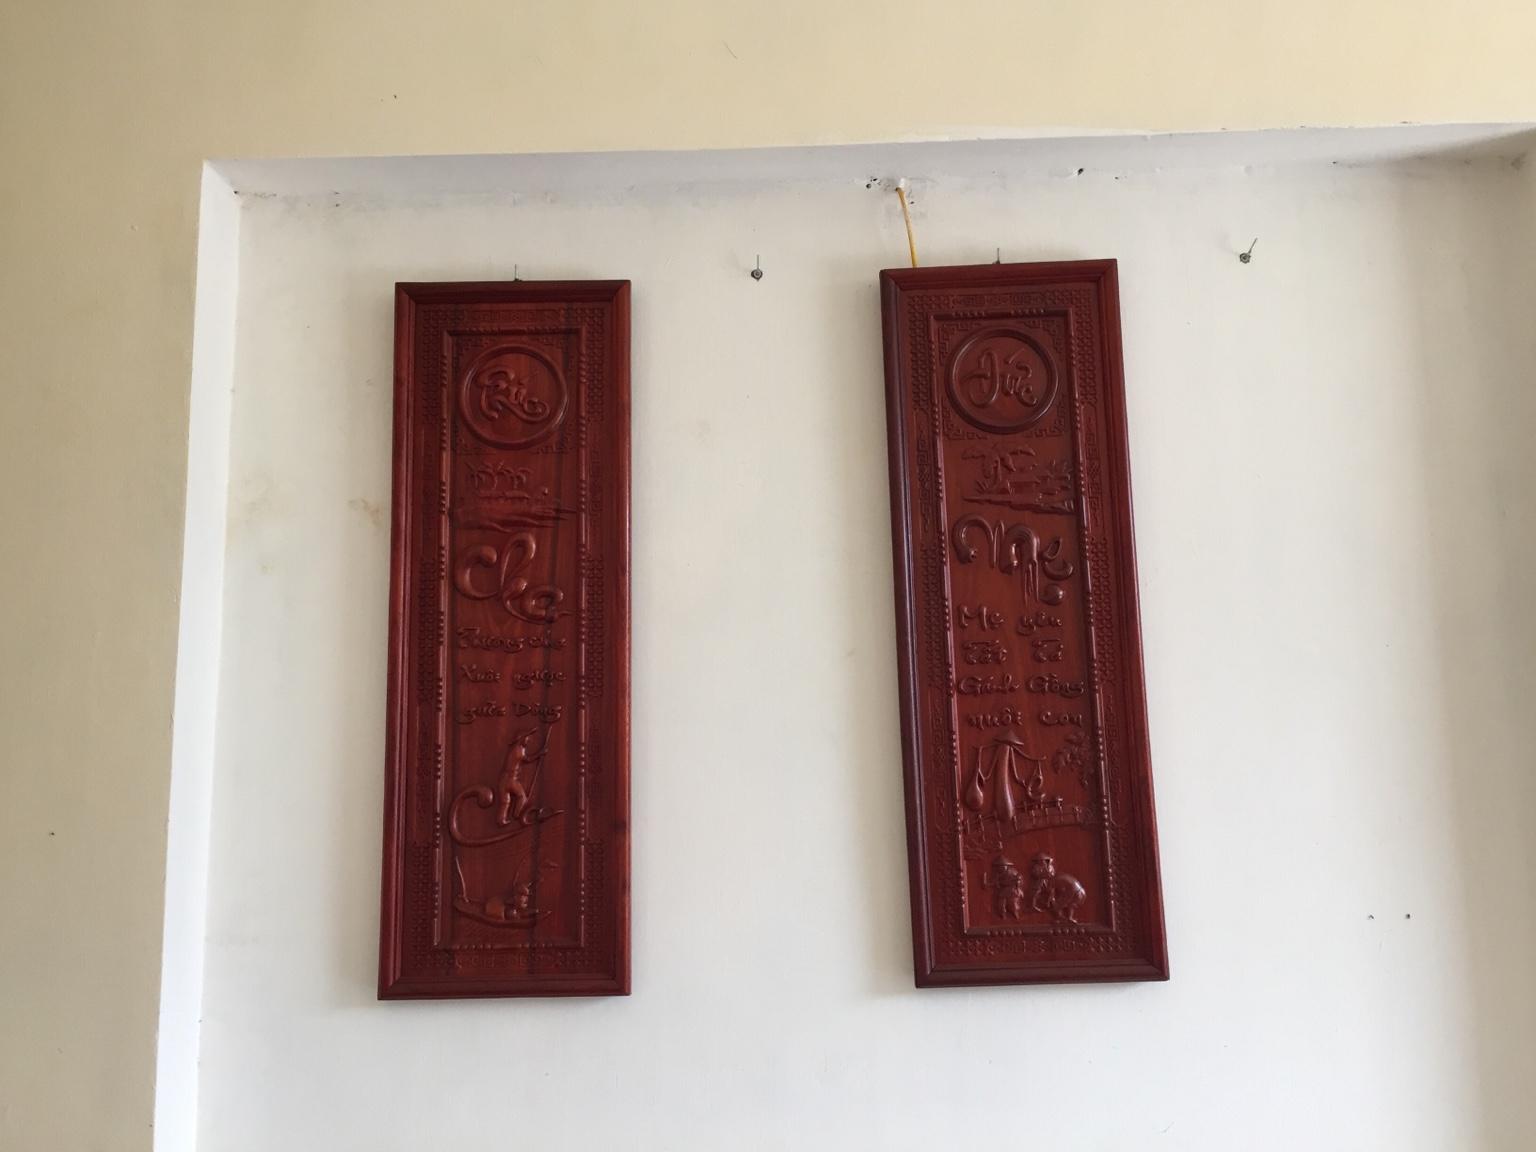 tranh thư pháp việt chữ cha mẹ  làm bằng gỗ hương  kích thước 100cm rộng 30cm lh 0974710348